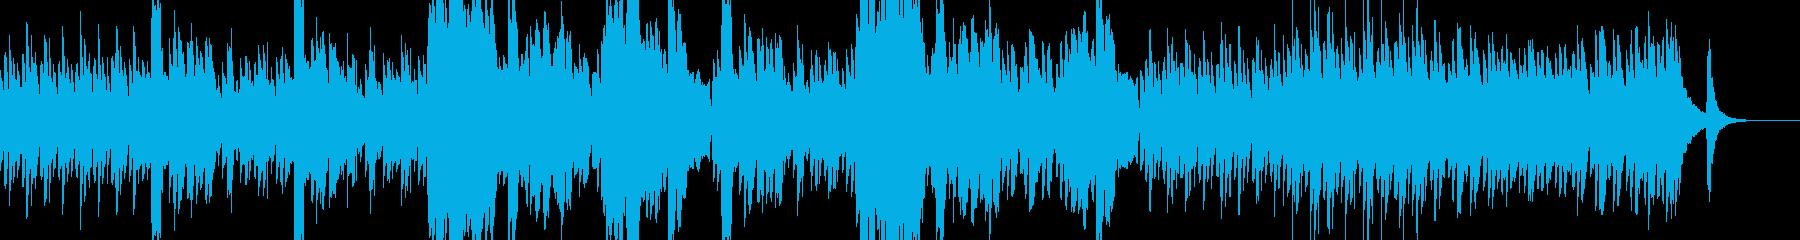 ほのぼのとした可愛い感じのBGMですの再生済みの波形